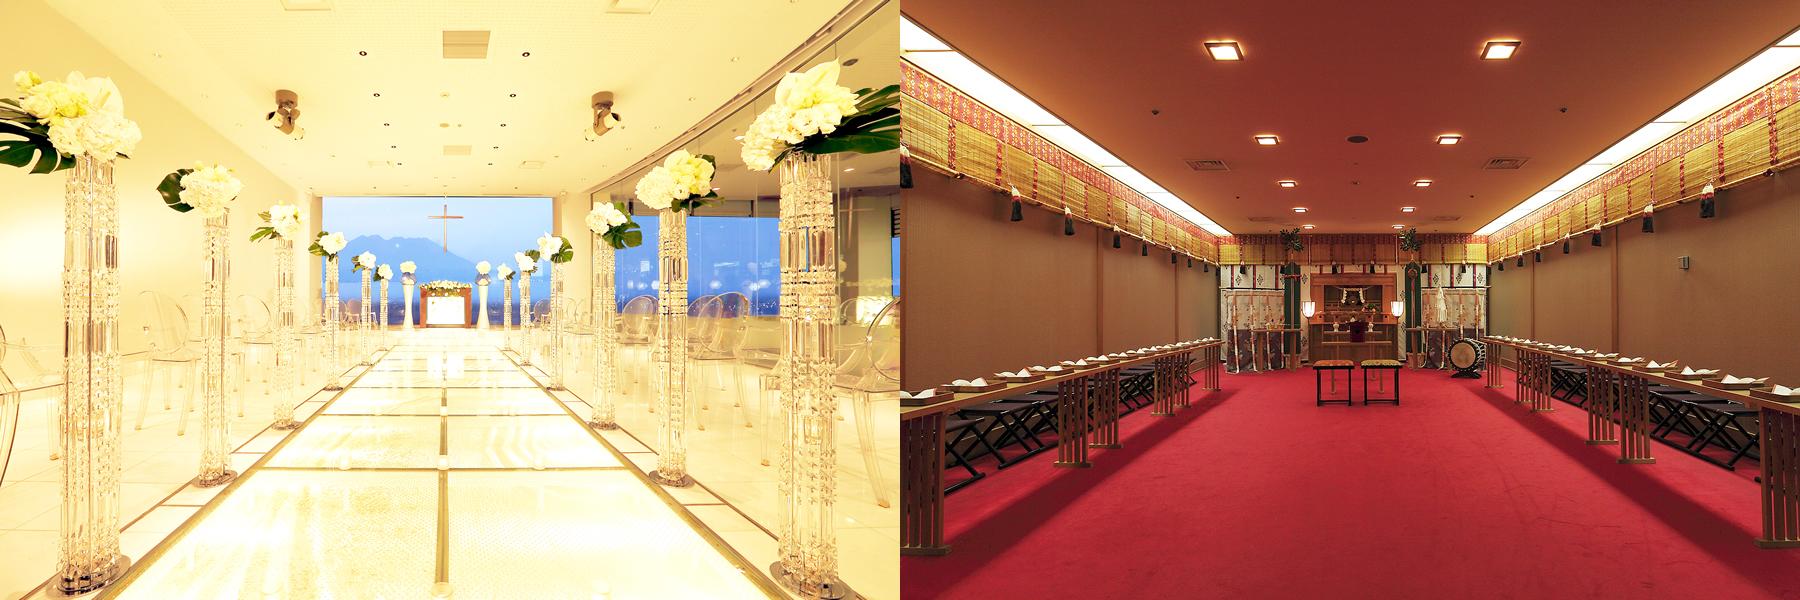 オーシャン神前式|挙式|レンブラントホテル鹿児島【公式】婚礼サイト